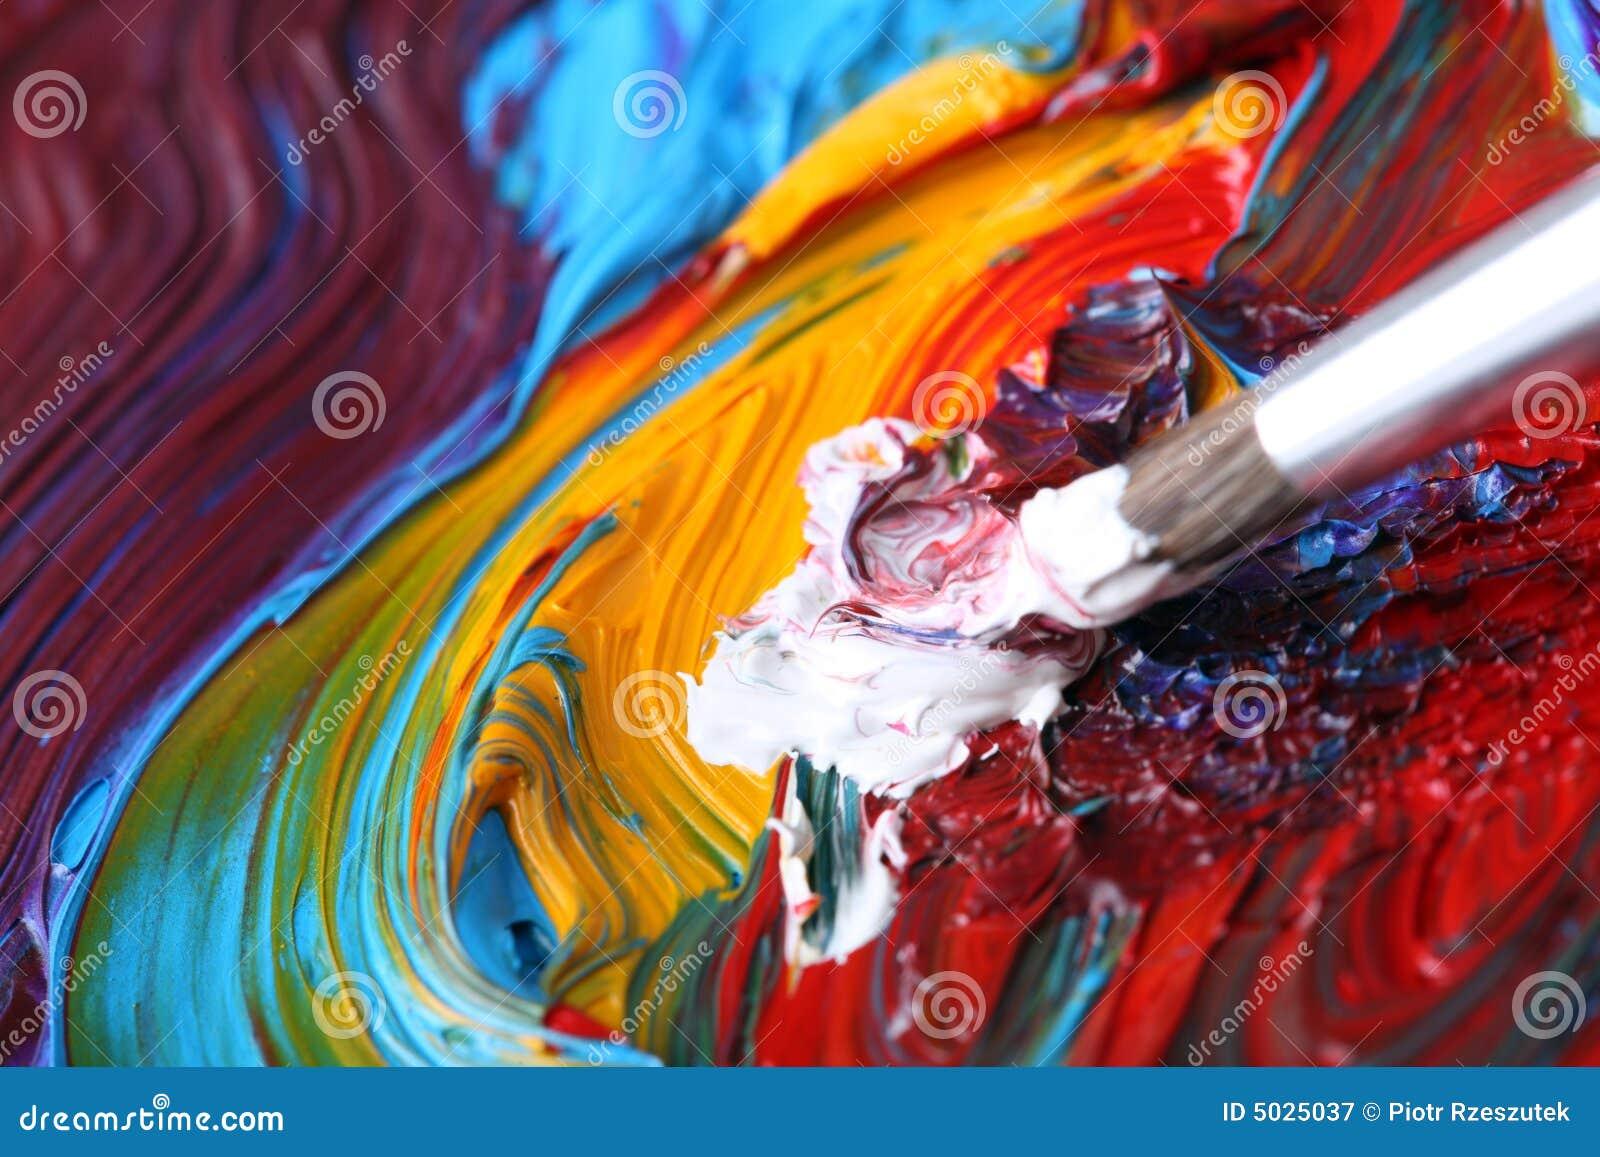 Bien-aimé Peinture à L'huile Mélangée Avec Le Pinceau Illustration Stock  DV12